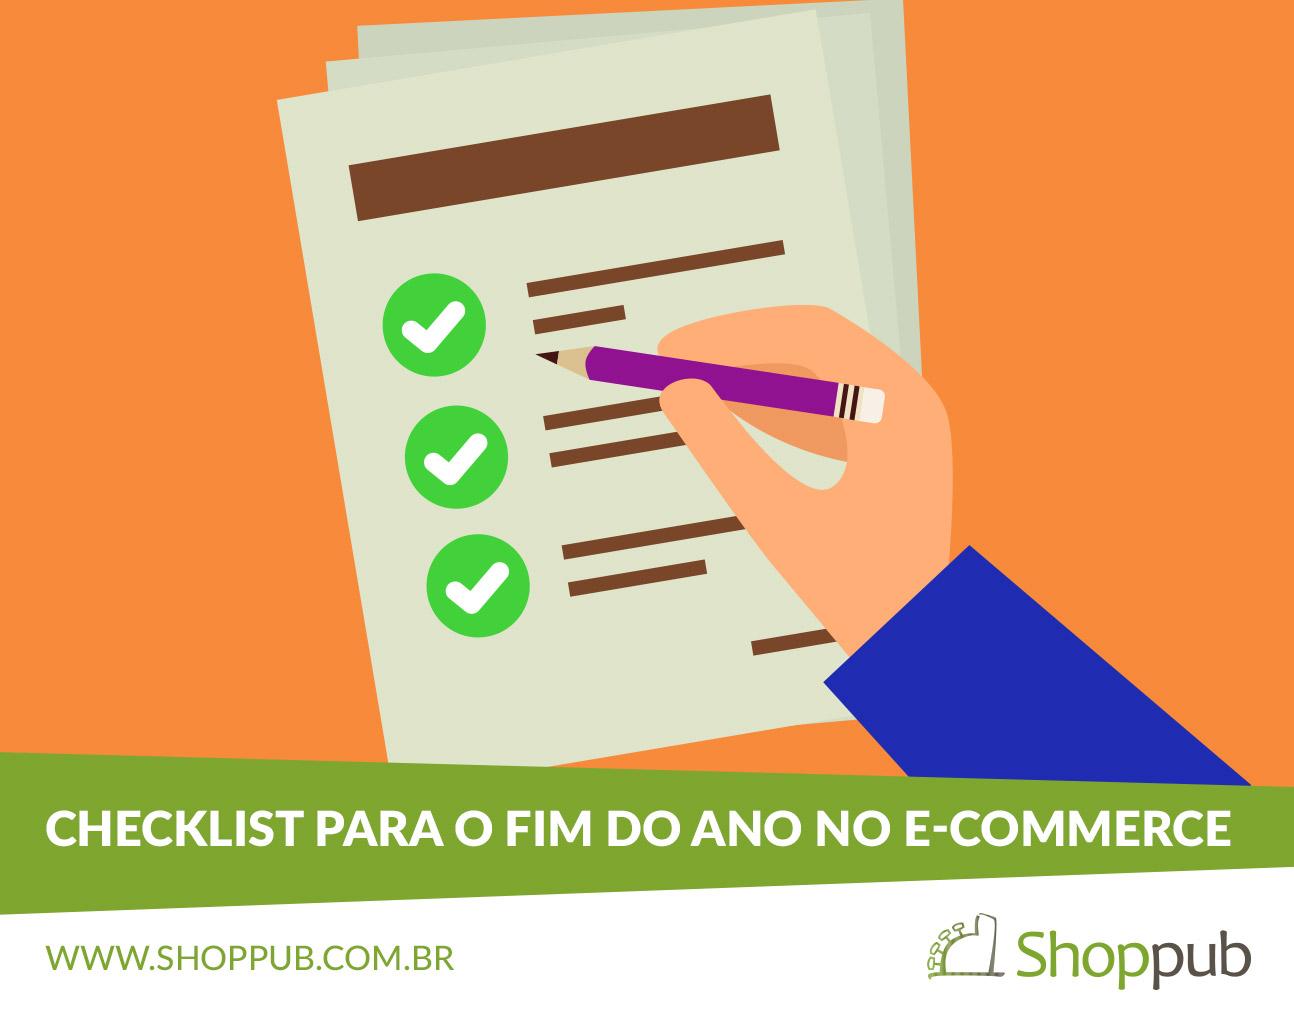 Checklist para o fim de ano no e-commerce